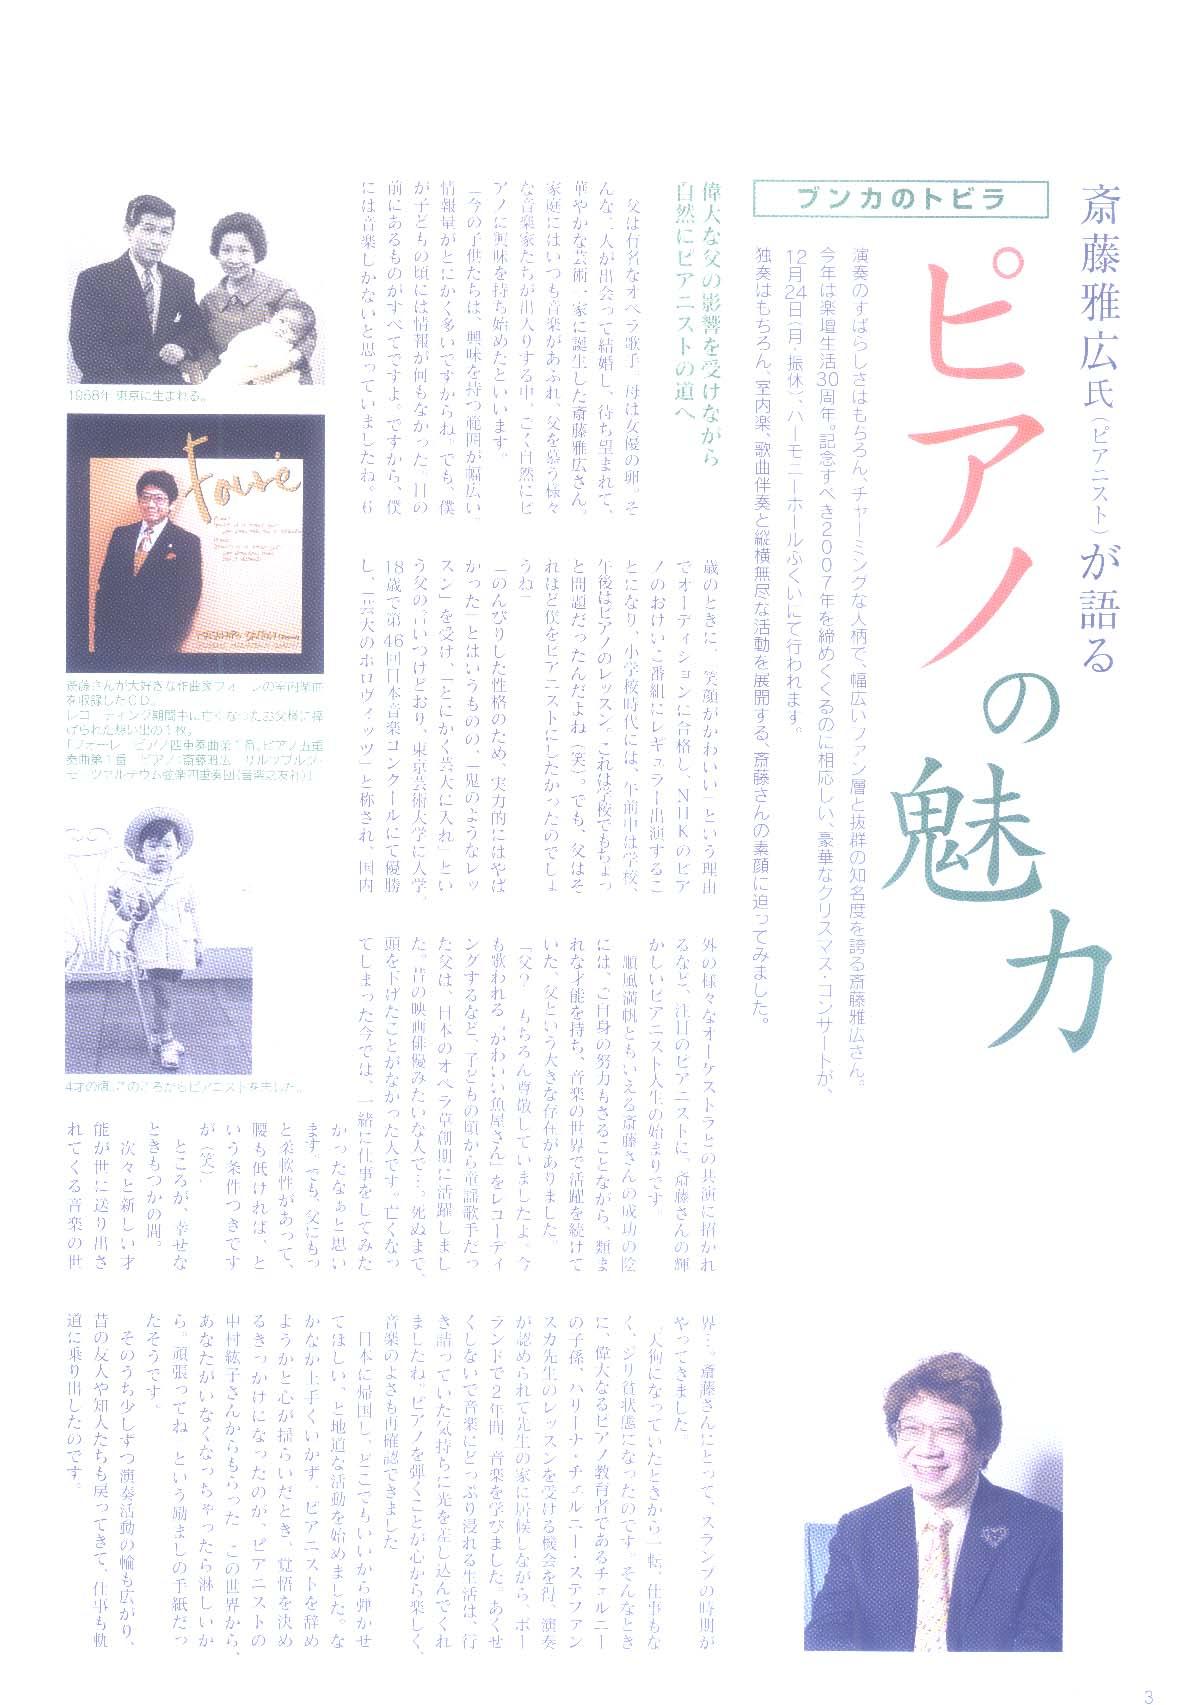 季刊誌「ブンカ」にインタビュー掲載_a0041150_2123799.jpg